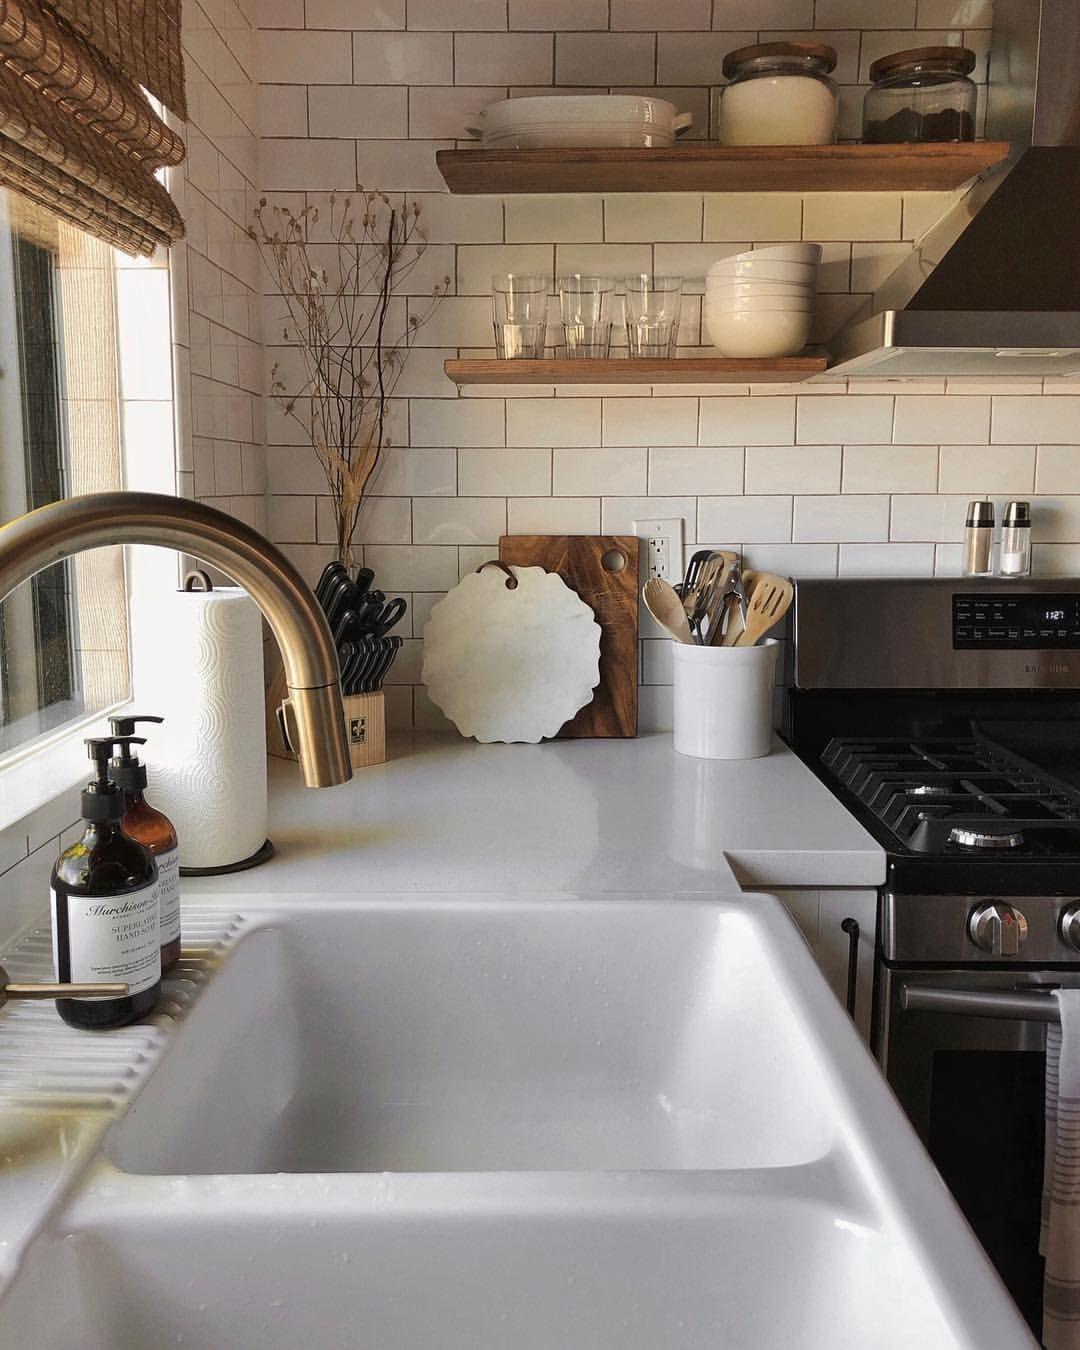 28 Stunning Ideas For Kitchen Islands Diykitchenideassinks Ideas Islands Kitchen Stunning In 2020 Kitchen Inspirations Corner Sink Kitchen Kitchen Renovation